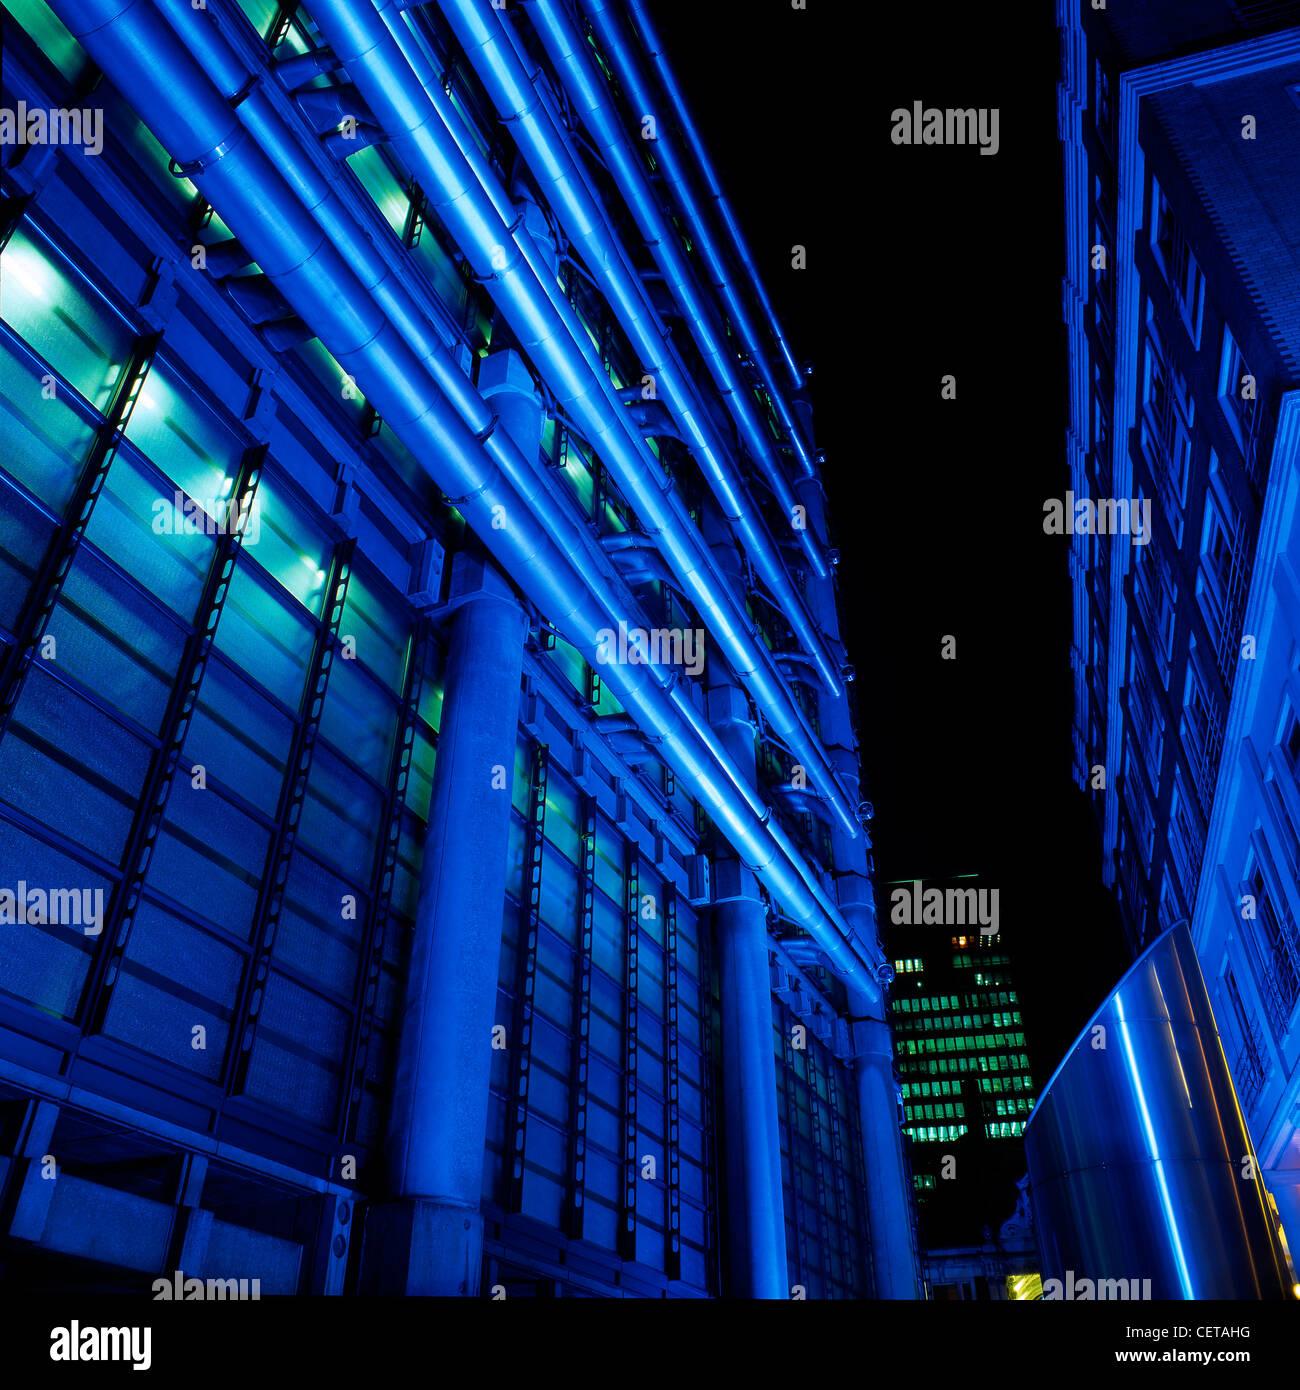 La Banque Lloyds Building dans Gresham Street la nuit. La Lloyds Bank a été l'une des plus anciennes Photo Stock